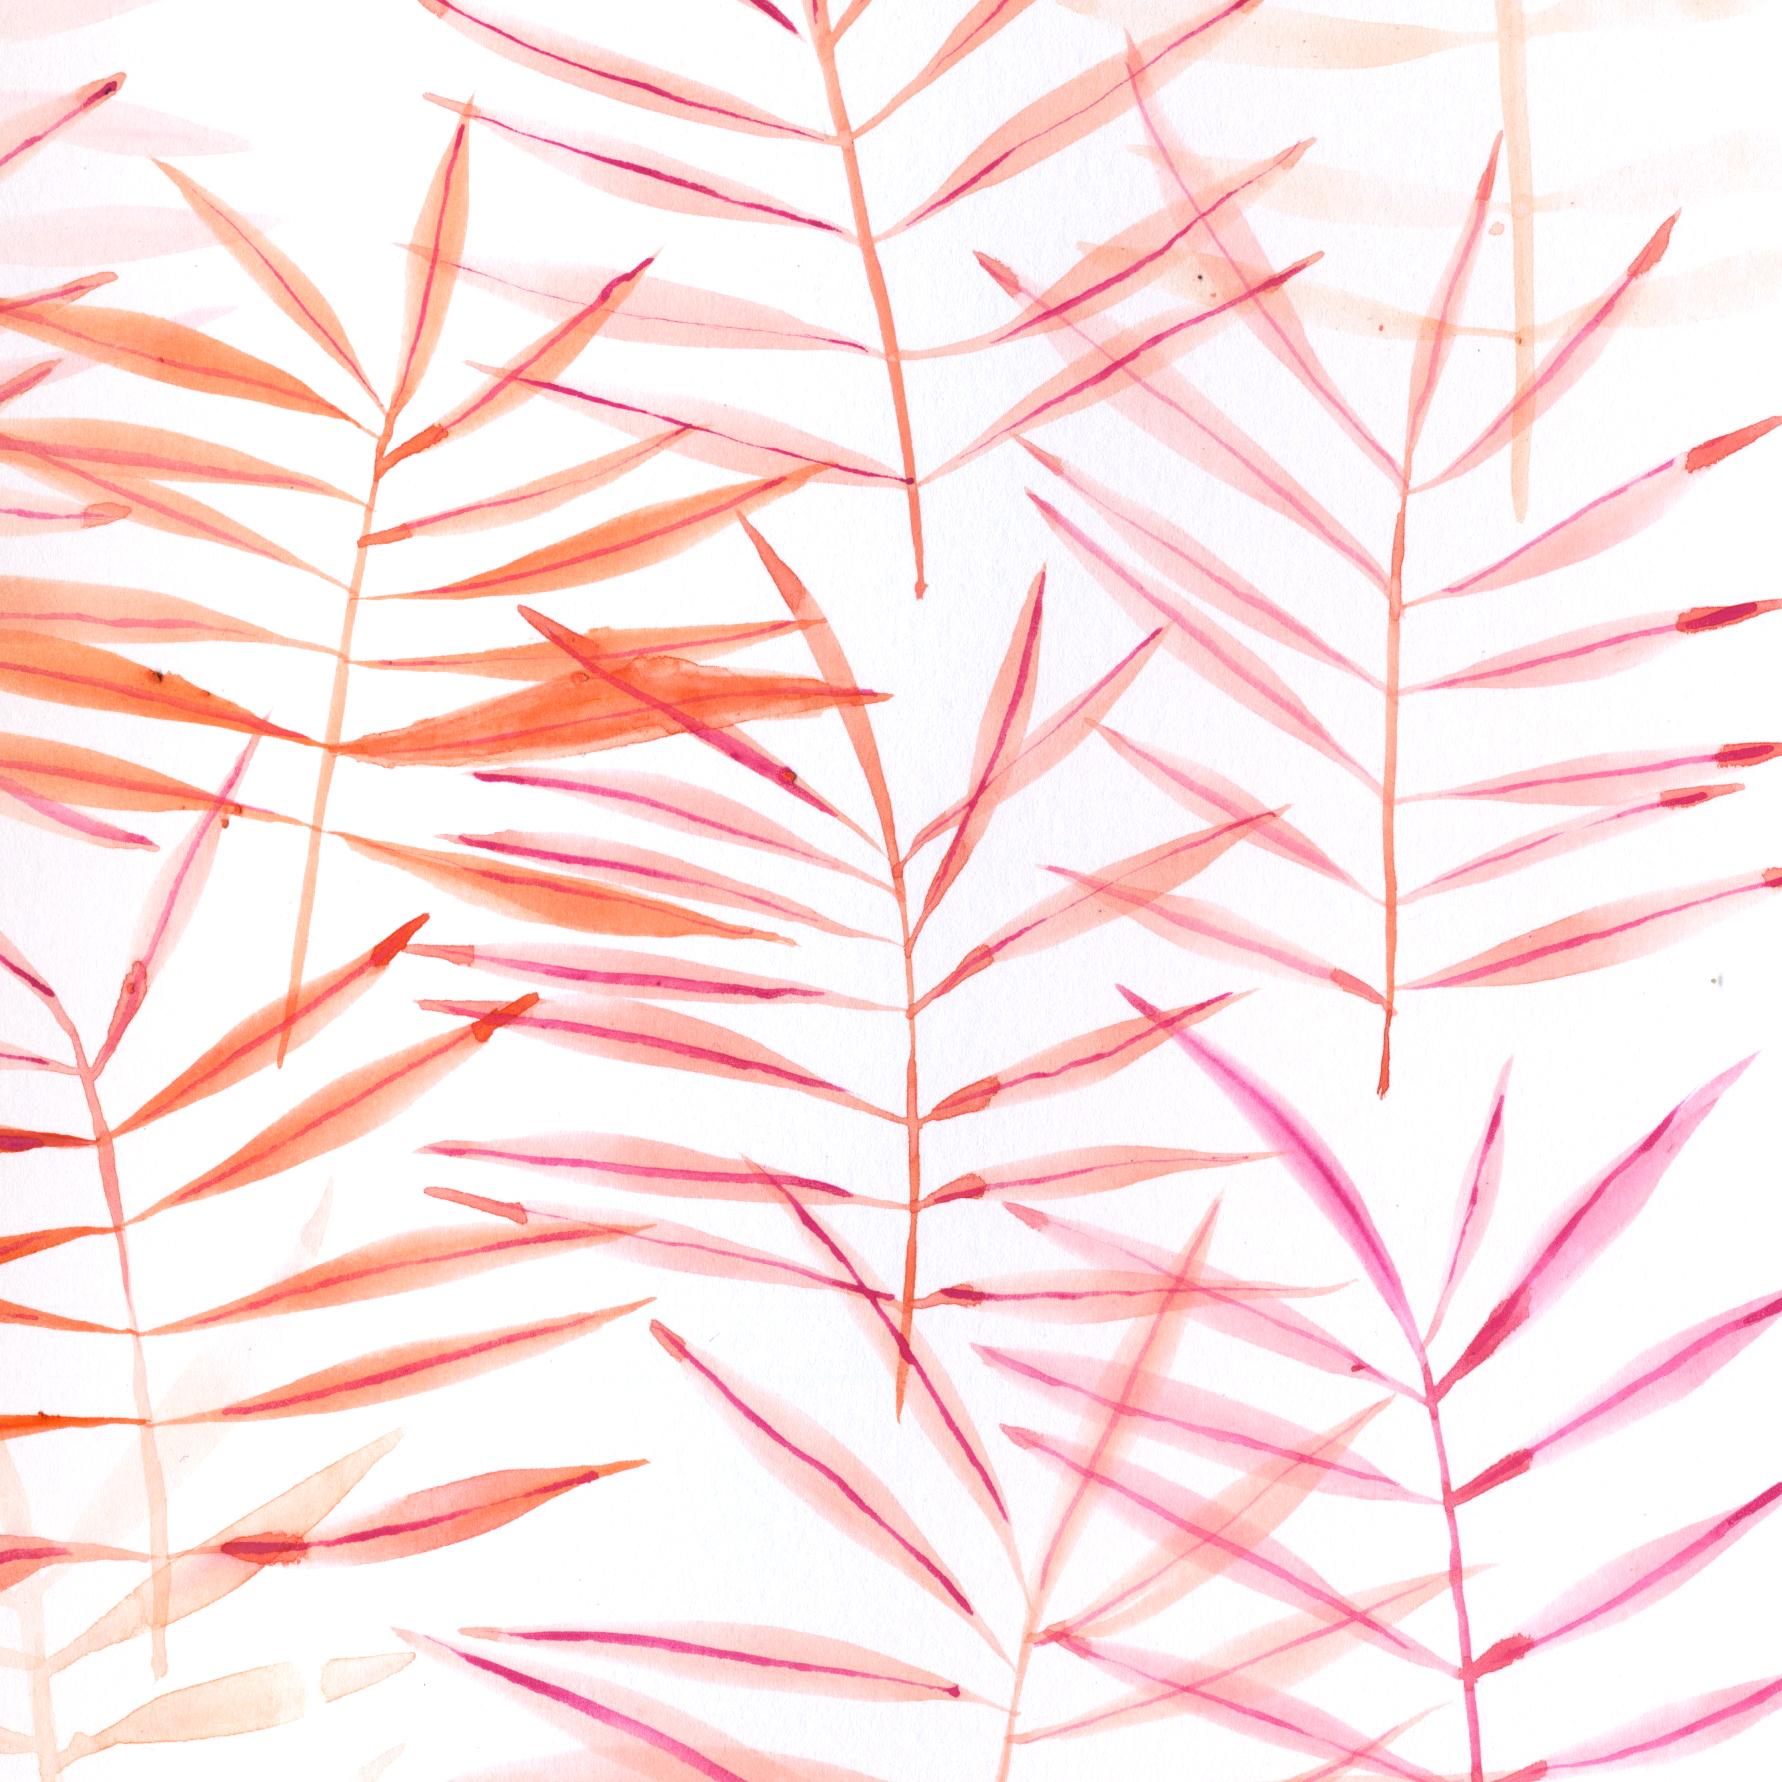 pinkbrush_pattern.jpg